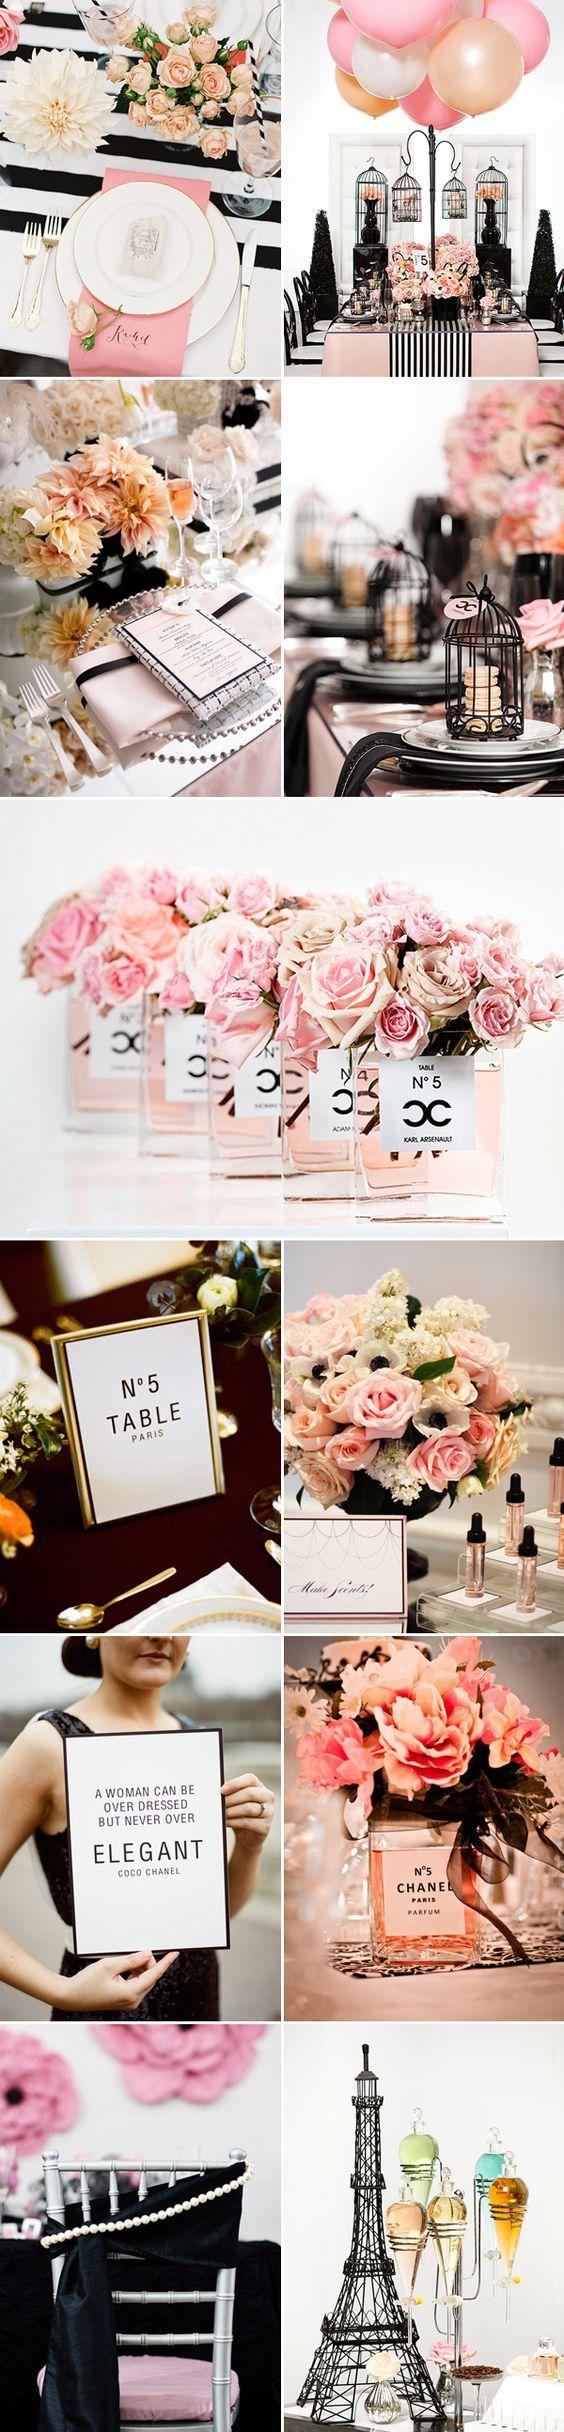 Décoration de mariage rose, noir et doré                                                                                                                                                                                 Plus